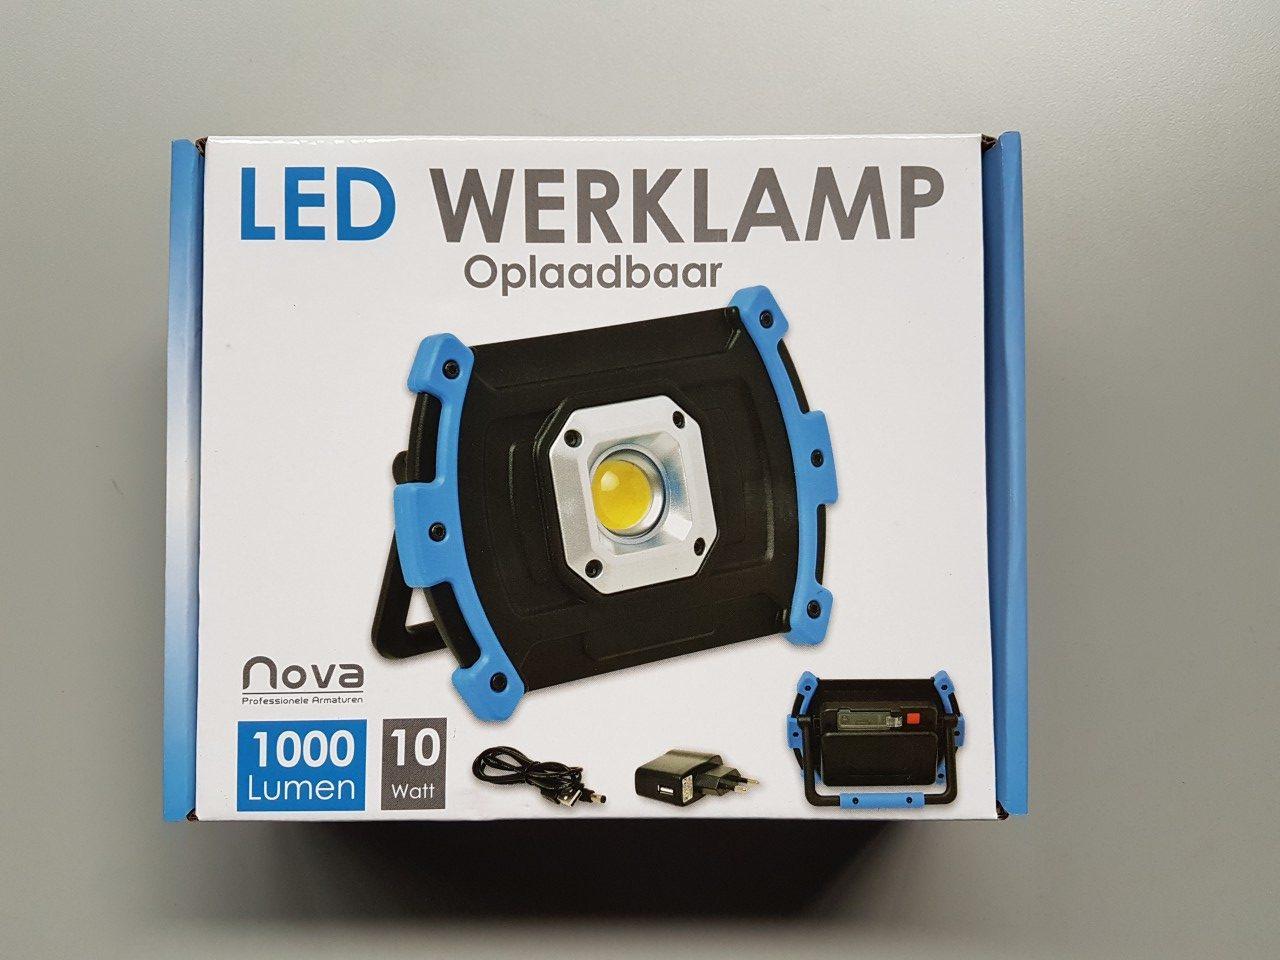 Led werklamp